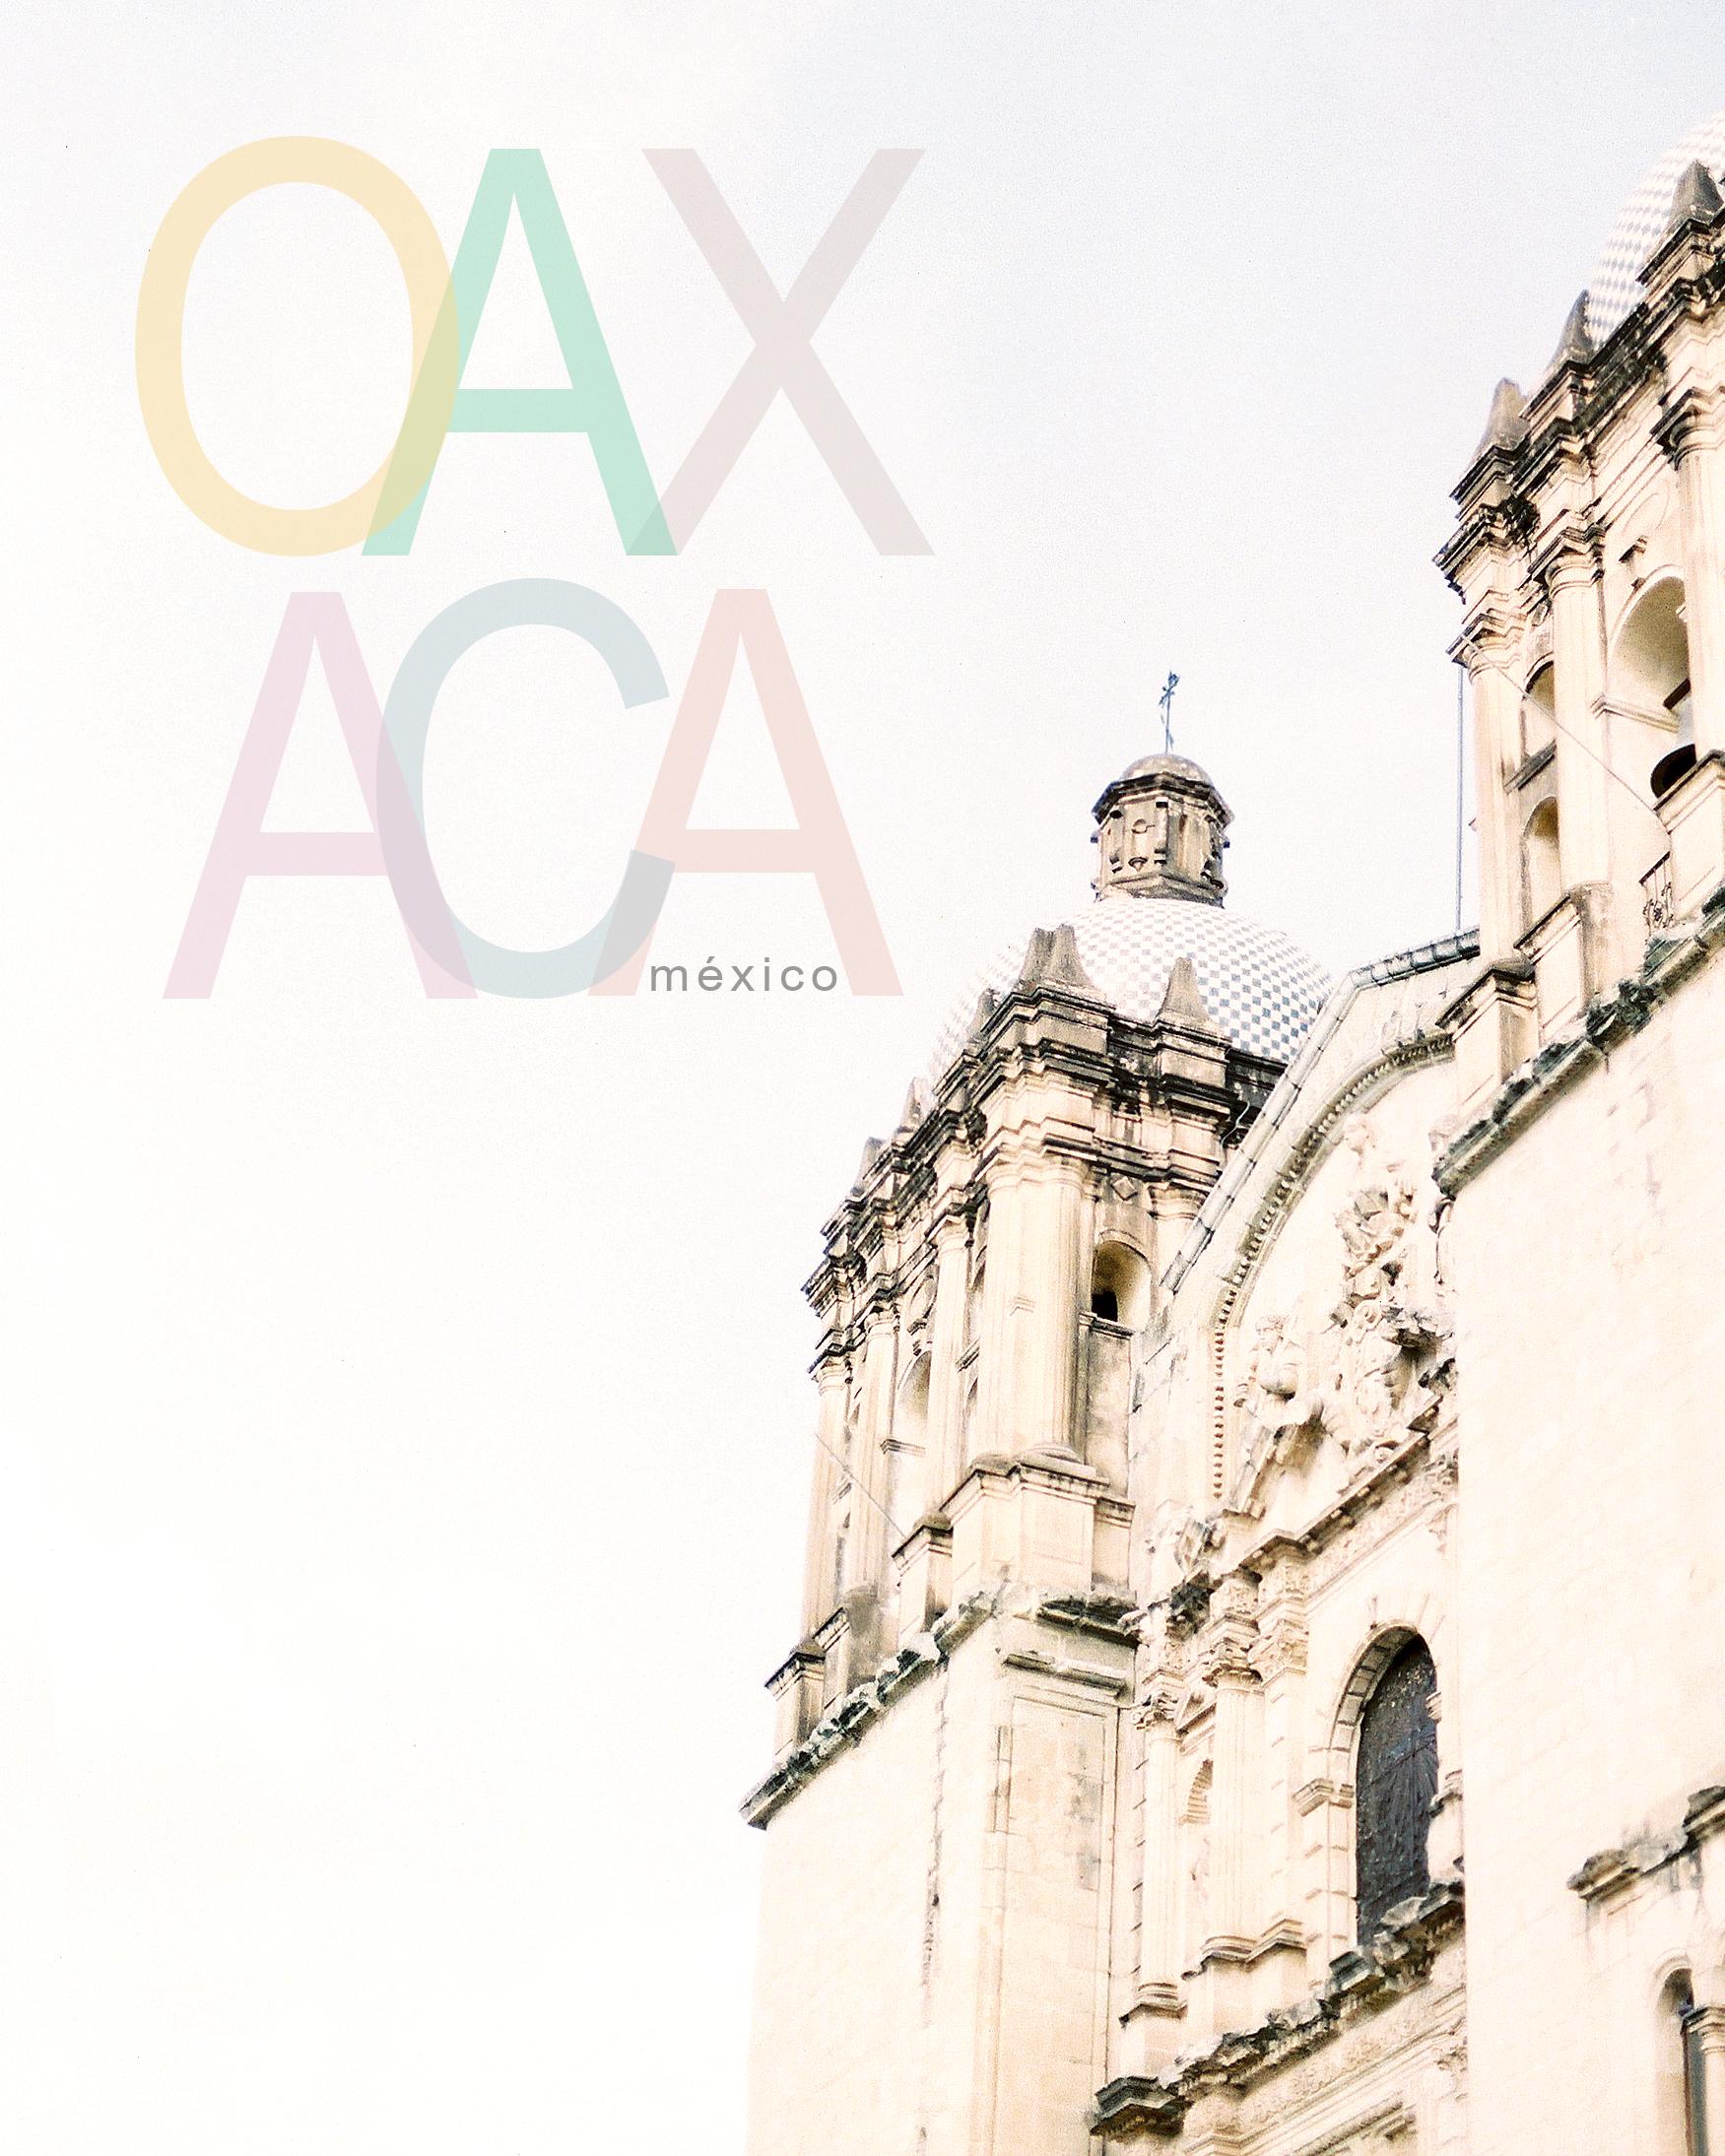 """- Un día me preguntaron, """"tú que hablas de muchas cosas, que es Oaxaca?"""" Le respondí, """"no lo sé. Pero lo que sí sé, es que soy orgulloso de ver nacido en Oaxaca, llena de sabor, historia y tradición. Ser Oaxaqueño es la más grande delicia del mundo, ser Oaxaqueño es mostrar tu tierra y de donde vienes."""" Como Oaxaca no hay dos. Oaxaca es cultura. Oaxaca es comida. Oaxaca es Mezcal. Oaxaca es mi tierra. Oaxaca es mi identidad. Oaxaca corre dentro mis venas. Pero más importante, Oaxaca es mi familia y mi hogar. Alguien dijo, """"un día salí de Oaxaca, pero Oaxaca, nunca salió de mi."""""""